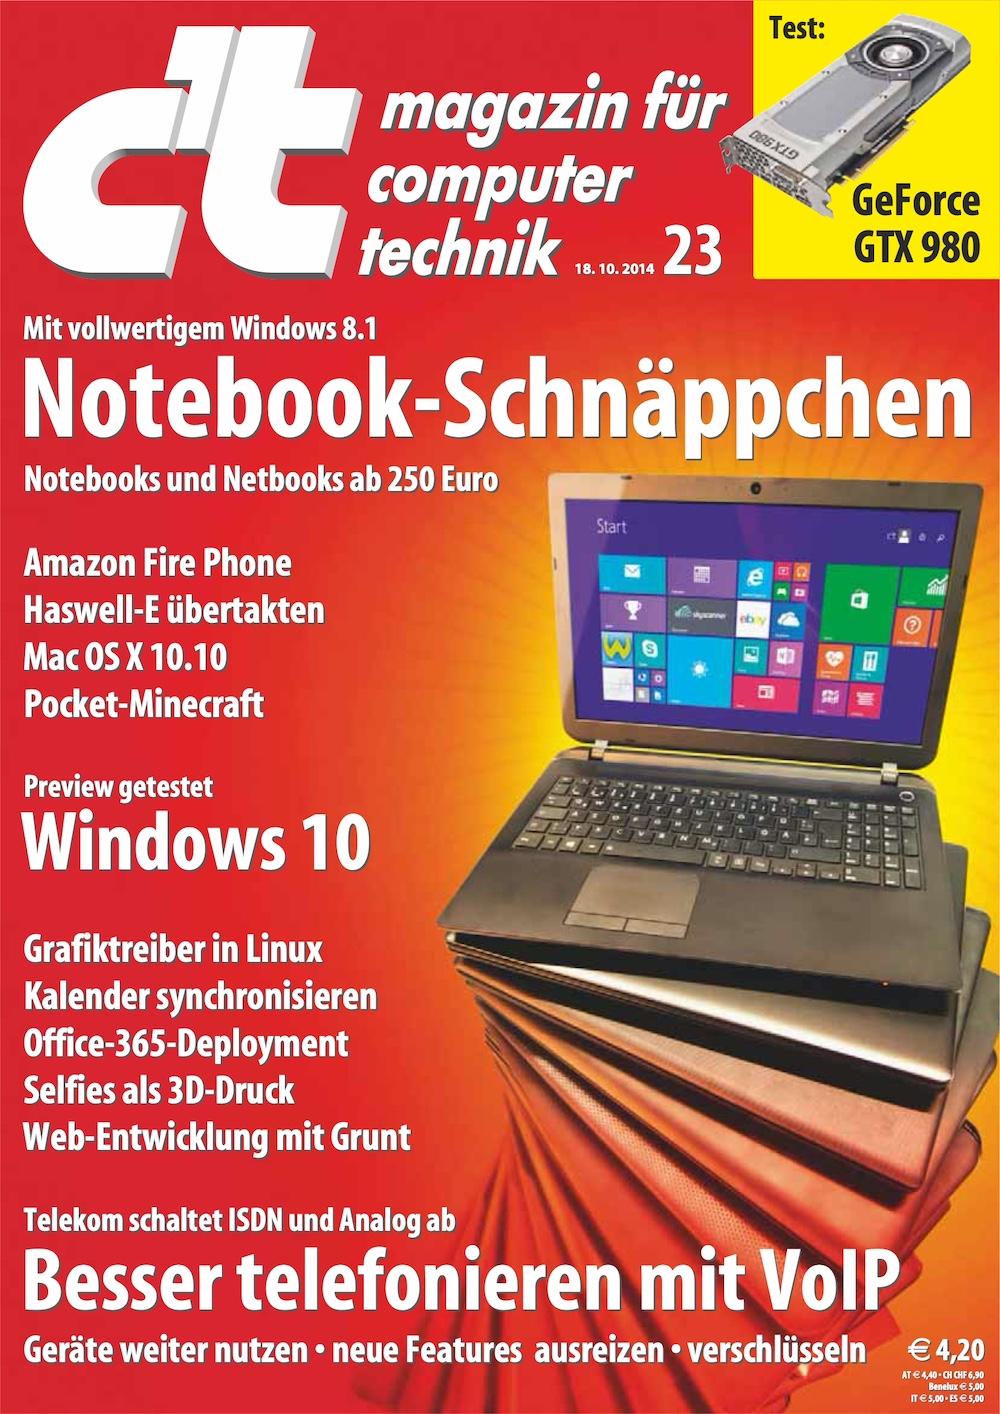 c't Magazin 2014-23